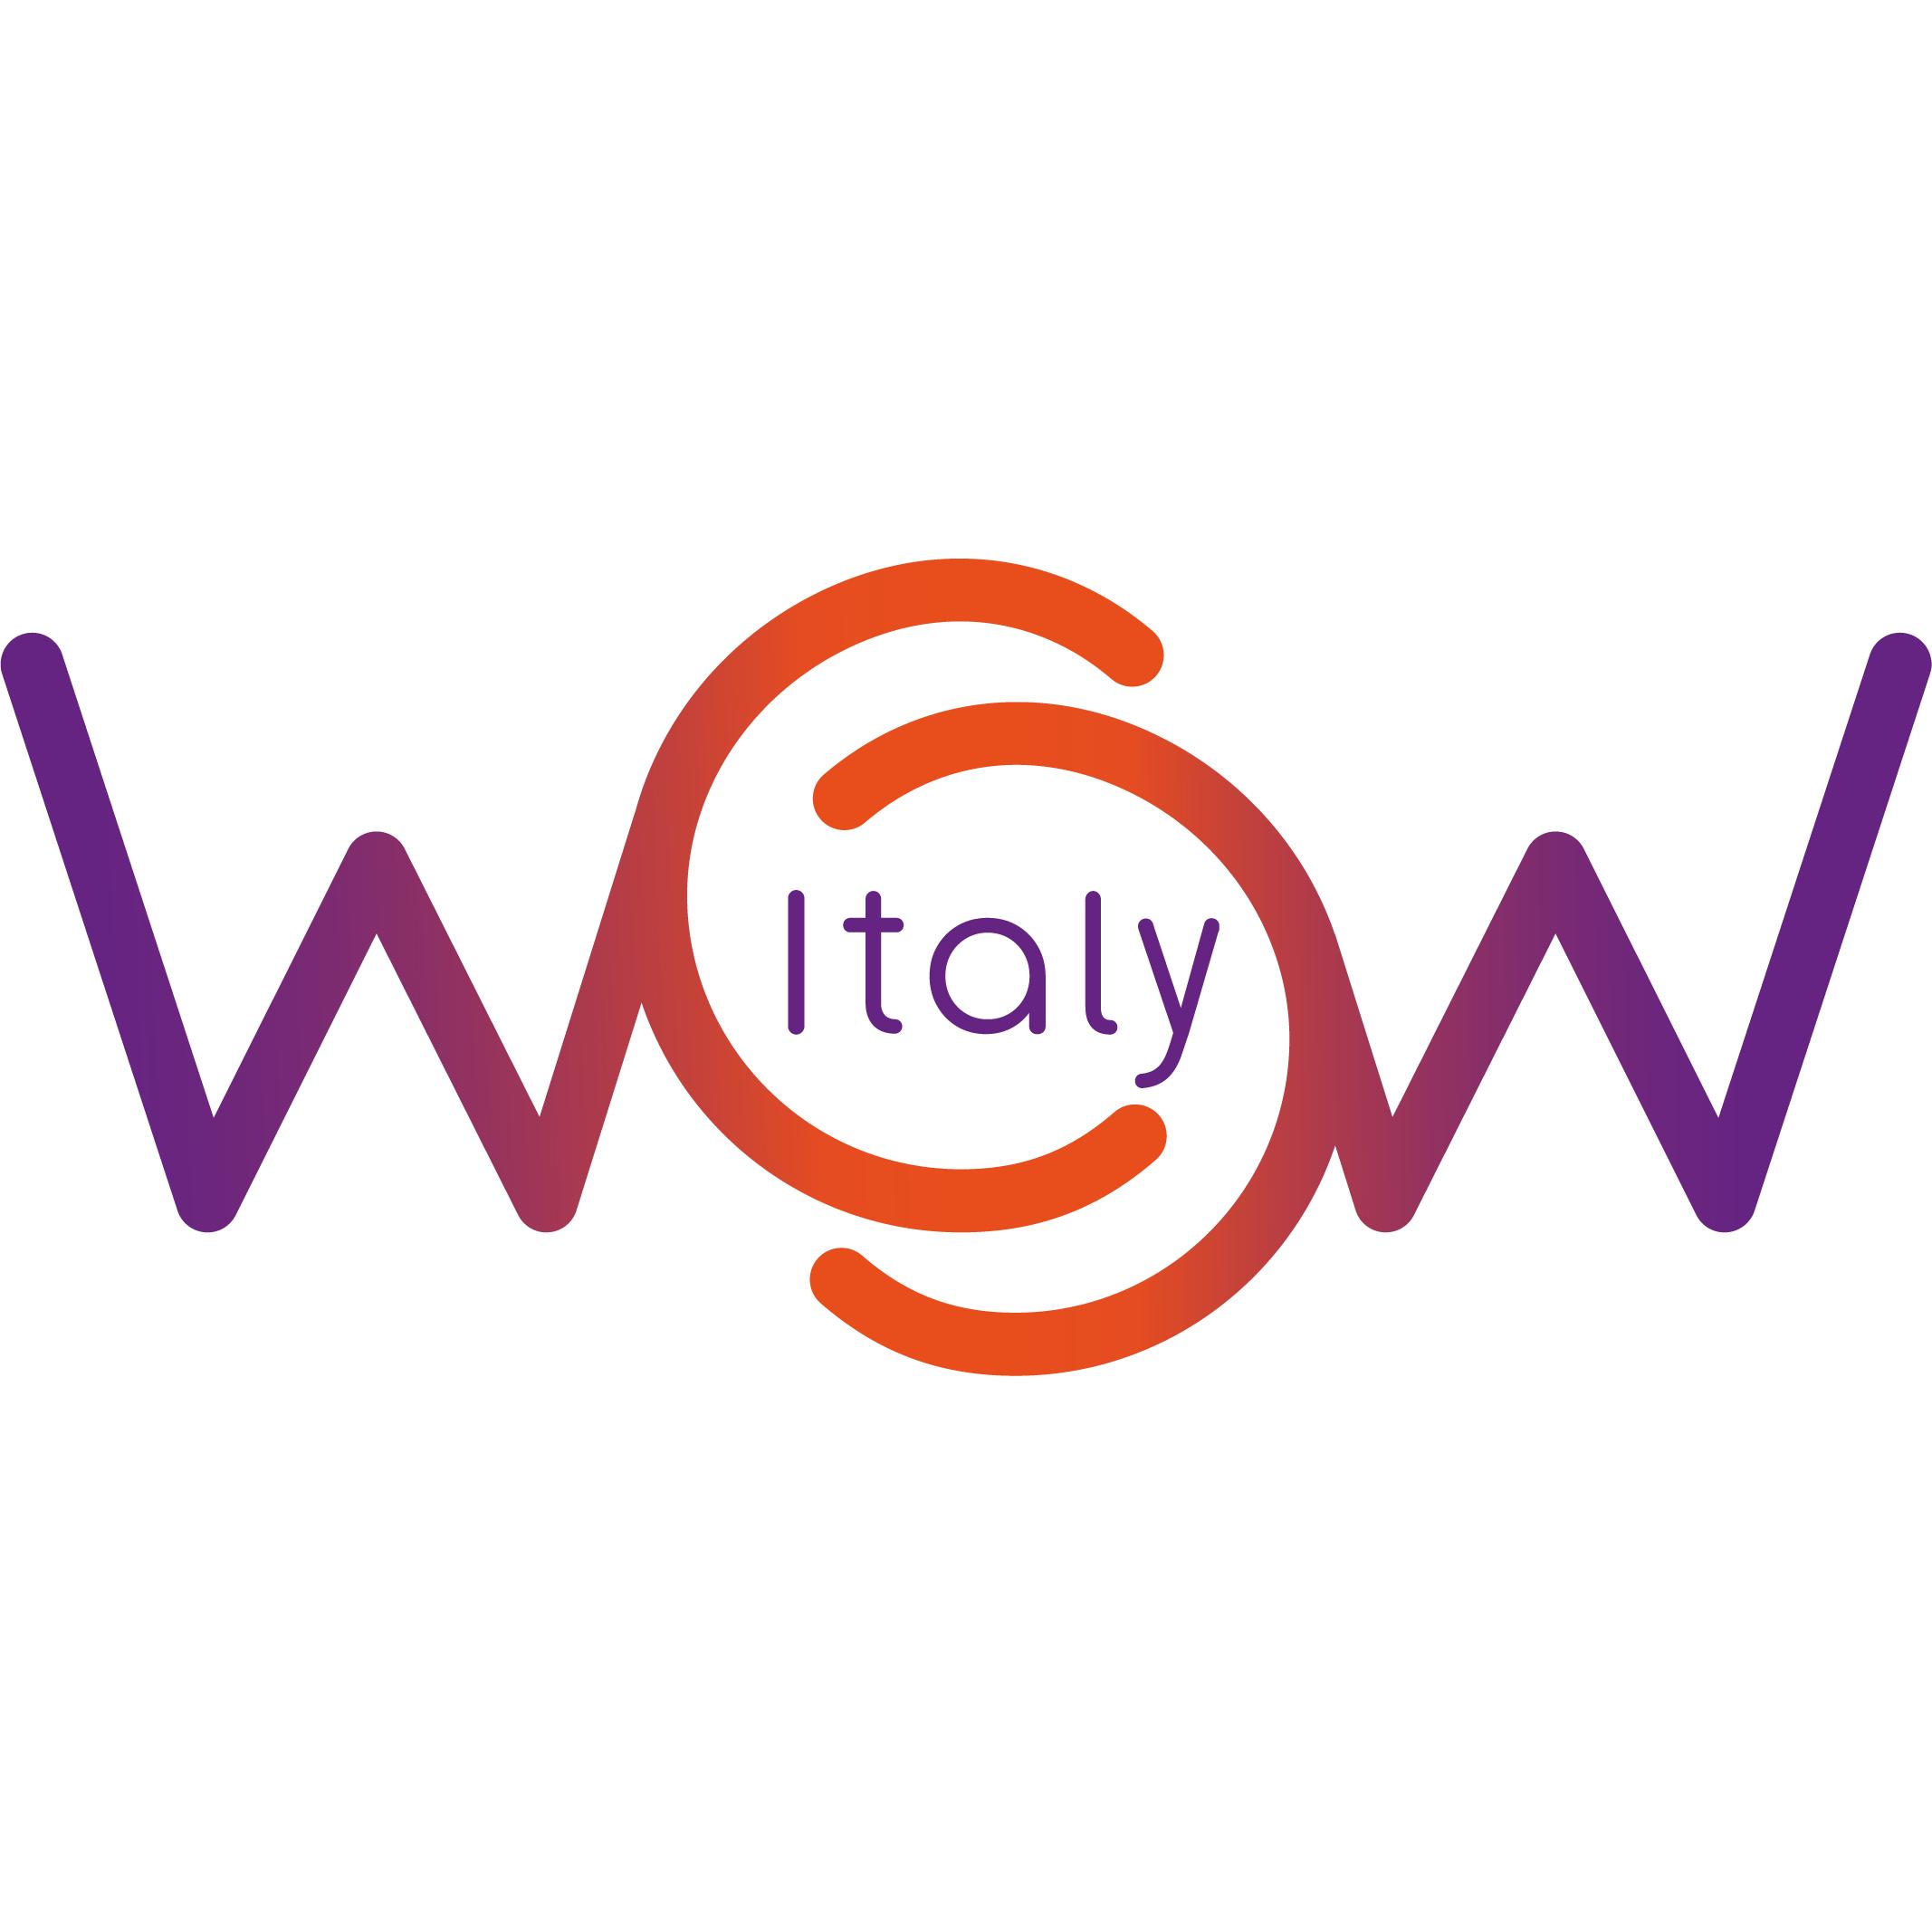 Estate 2021 con ItalyWow